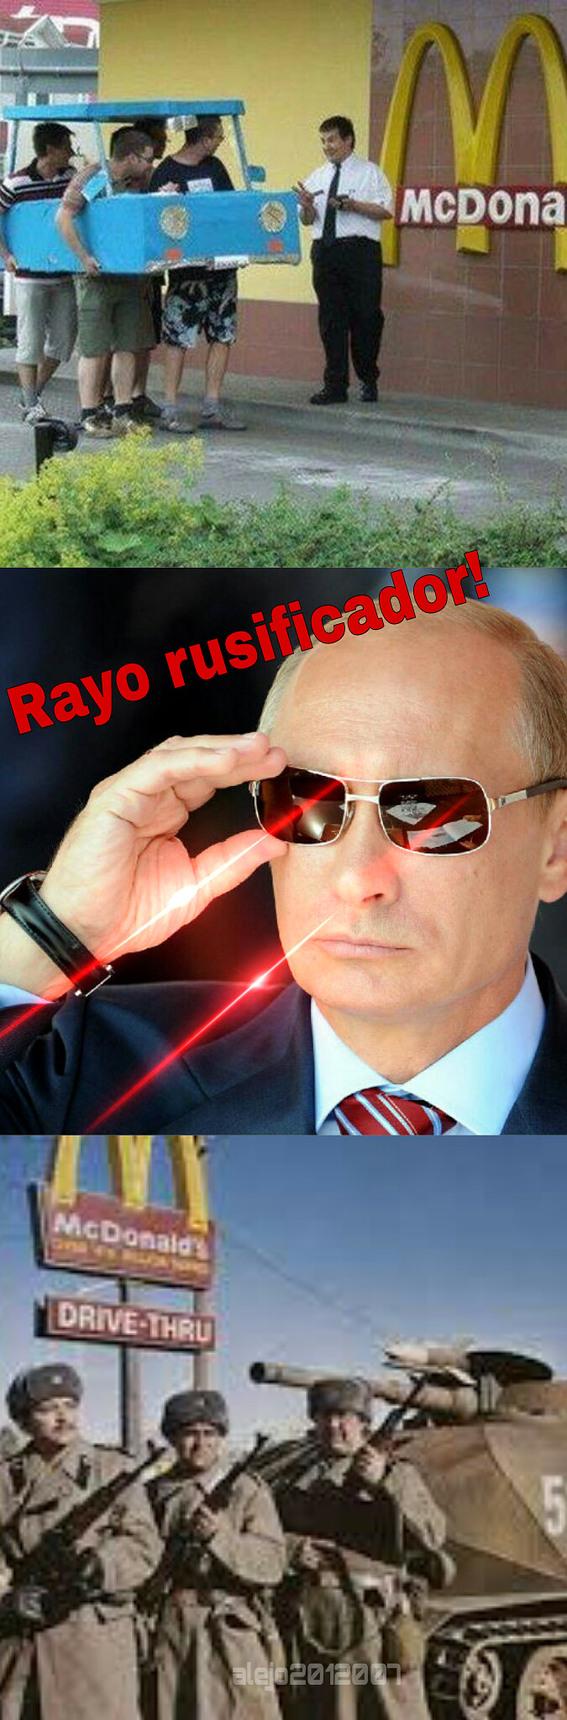 Rayooo!! - meme